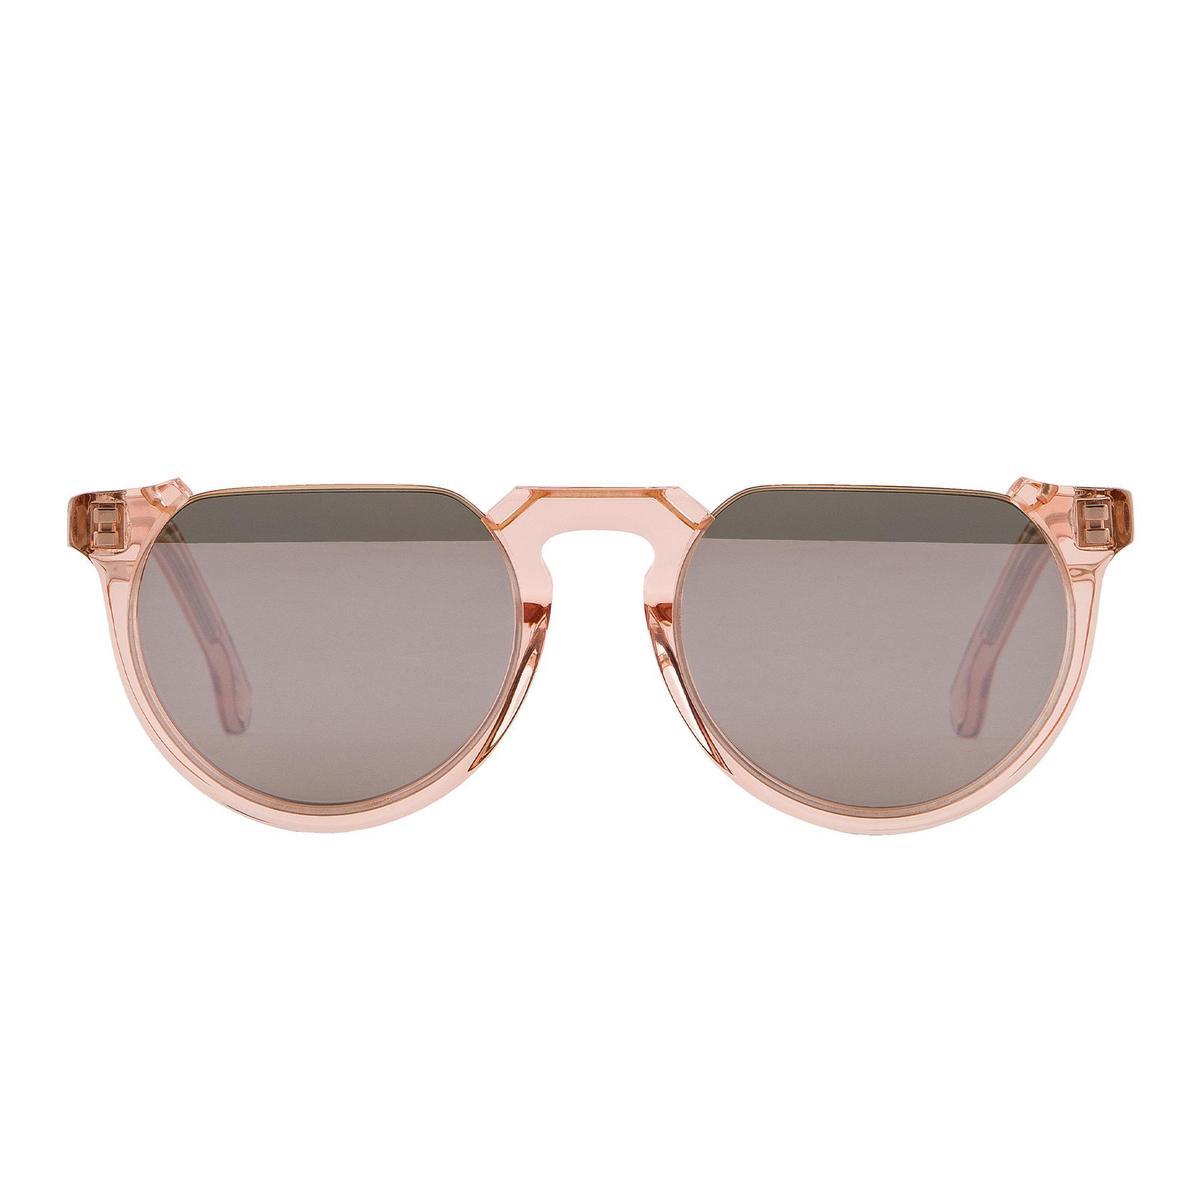 果凍粉色墨鏡 NT$13,800。(藍鐘提供)